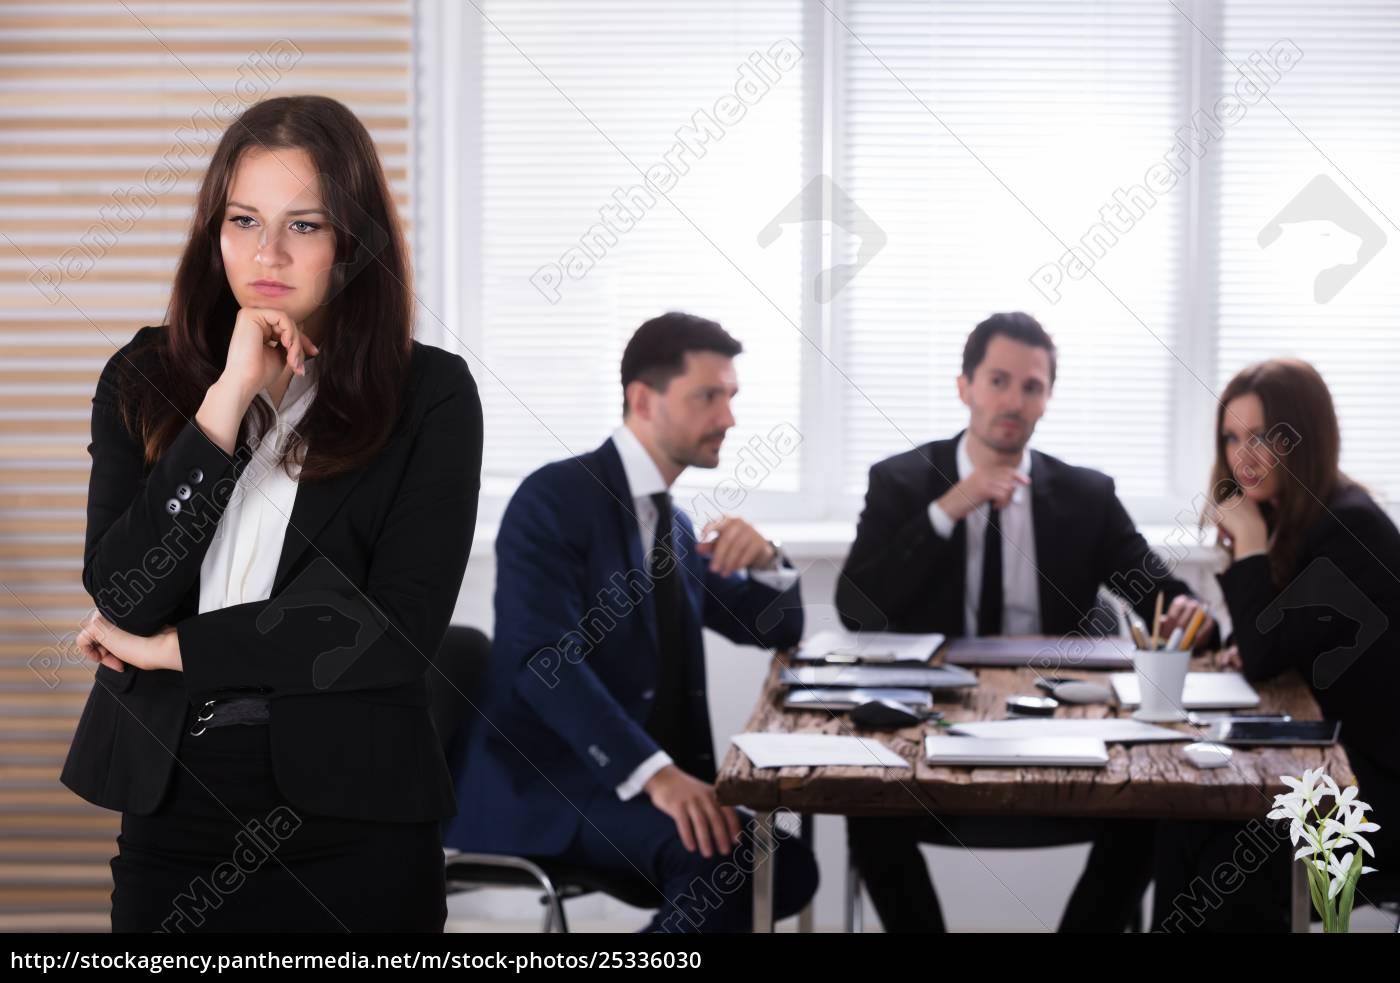 portrait, of, a, sad, businesswoman - 25336030